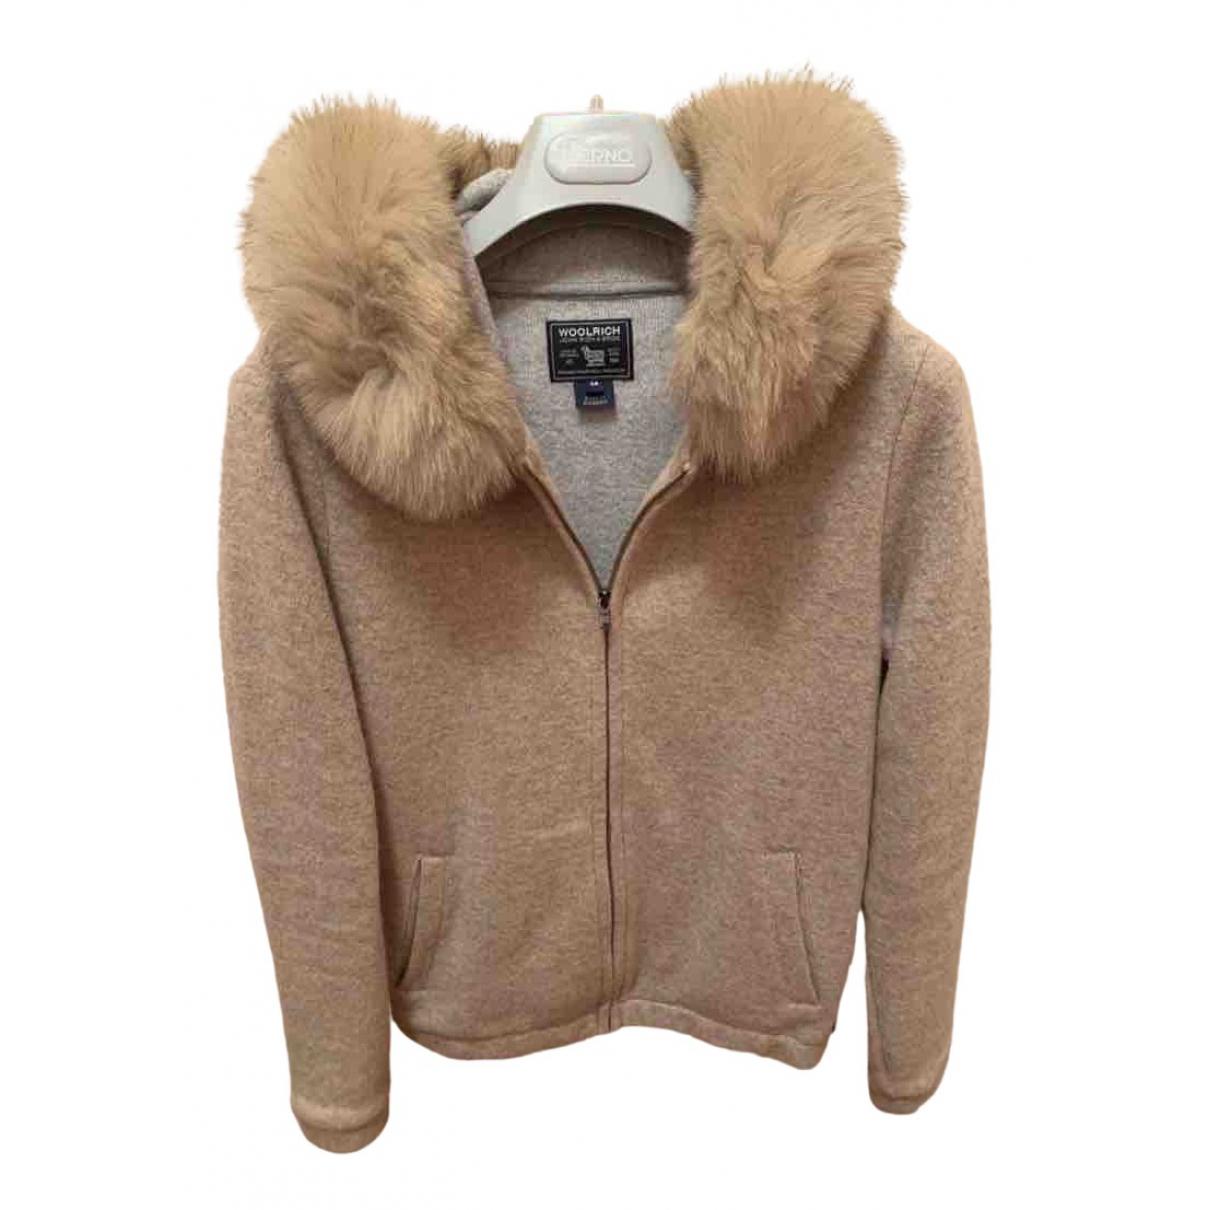 Woolrich \N Jacke, Maentel in  Beige Wolle